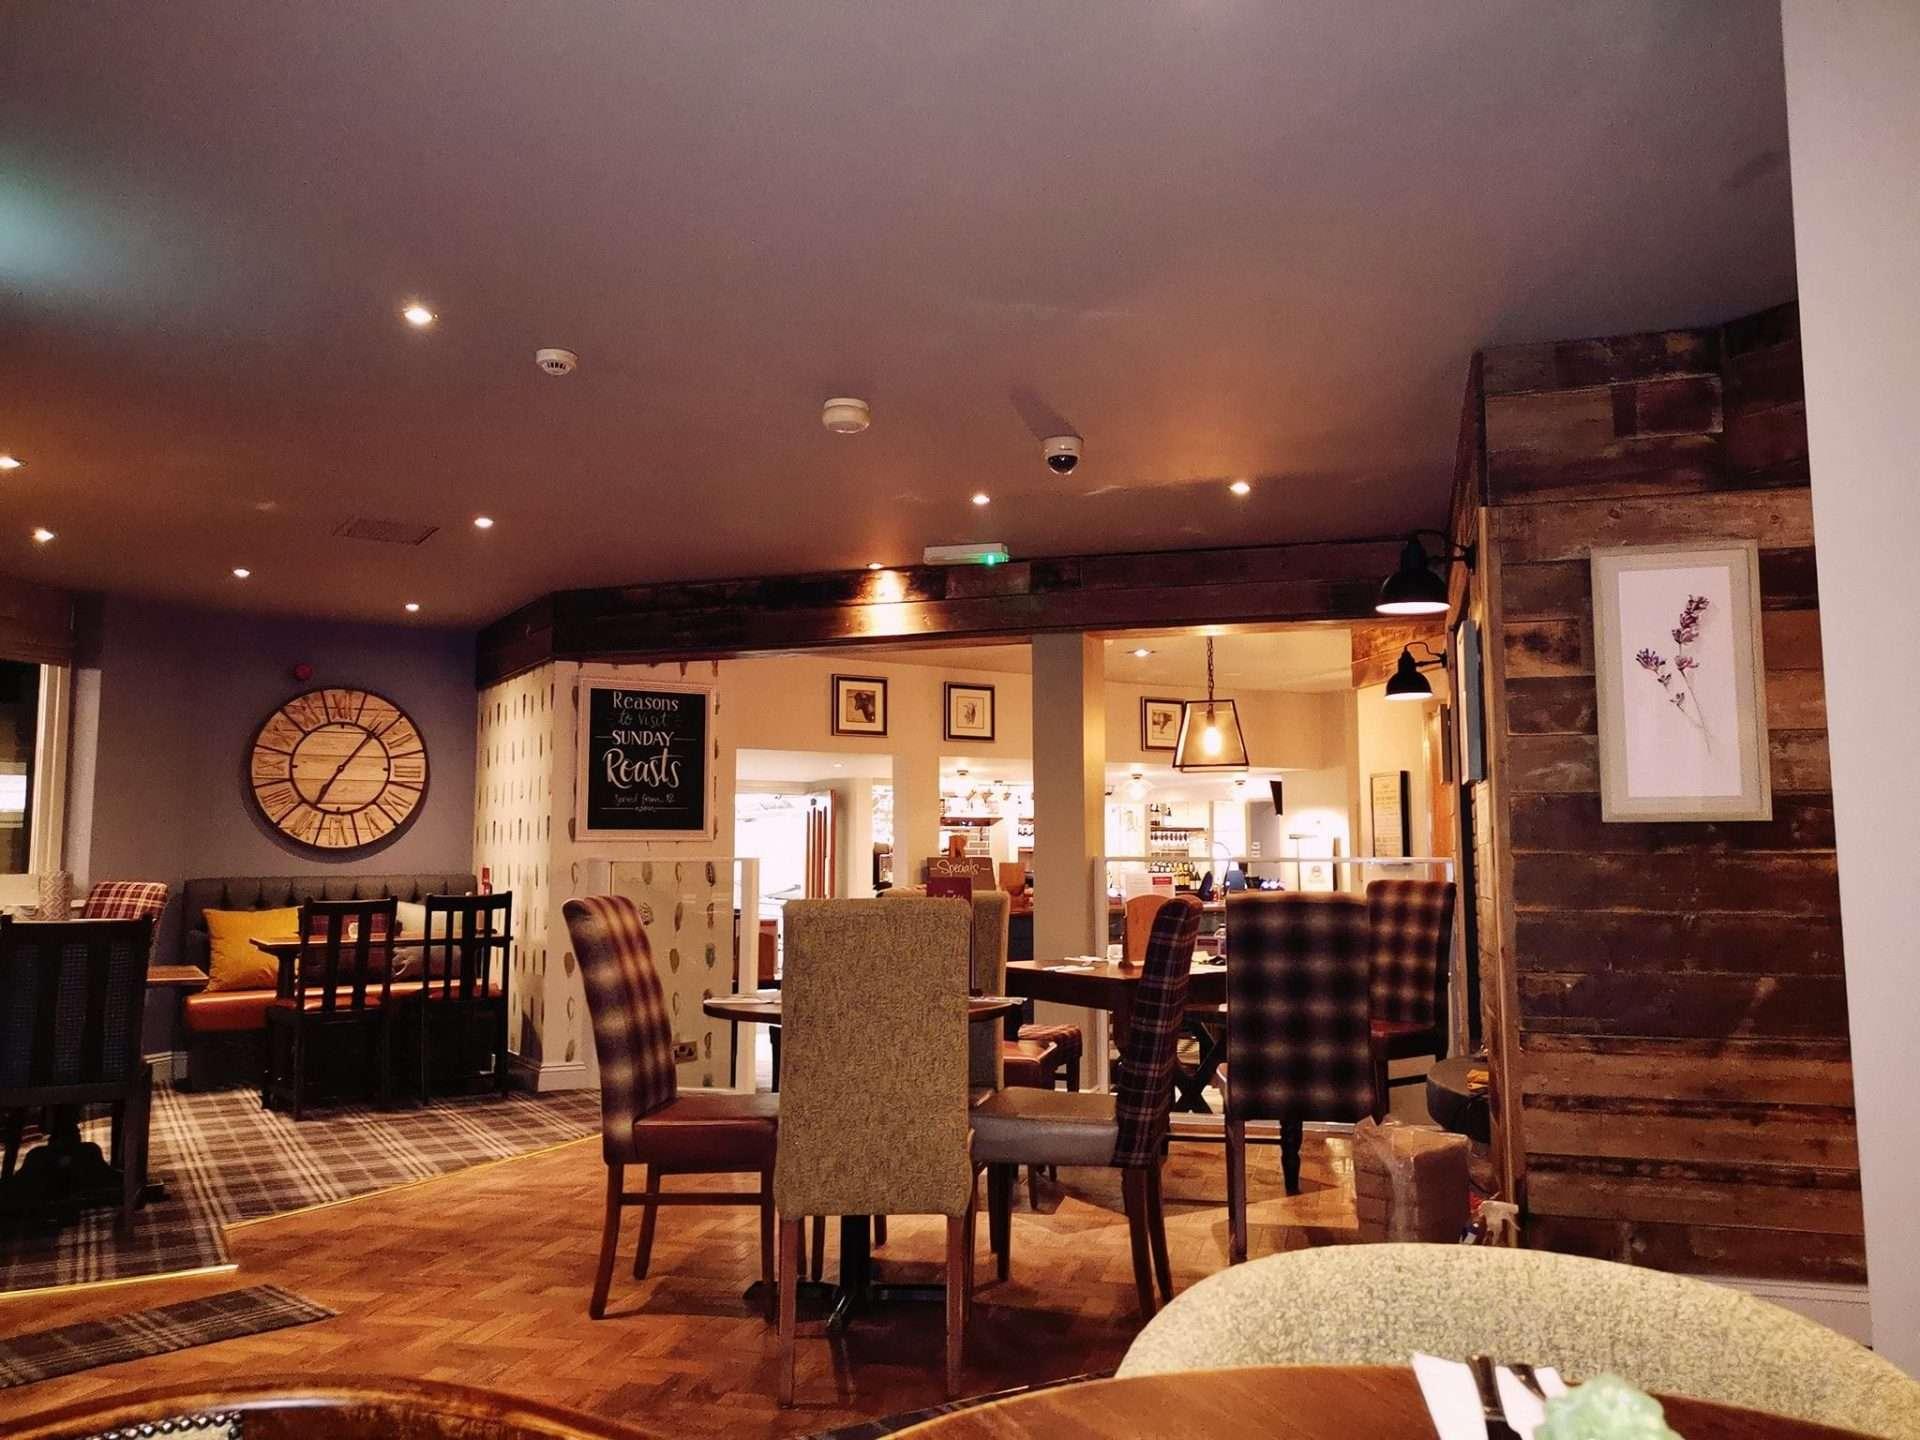 The Horns Inn - Ferndown